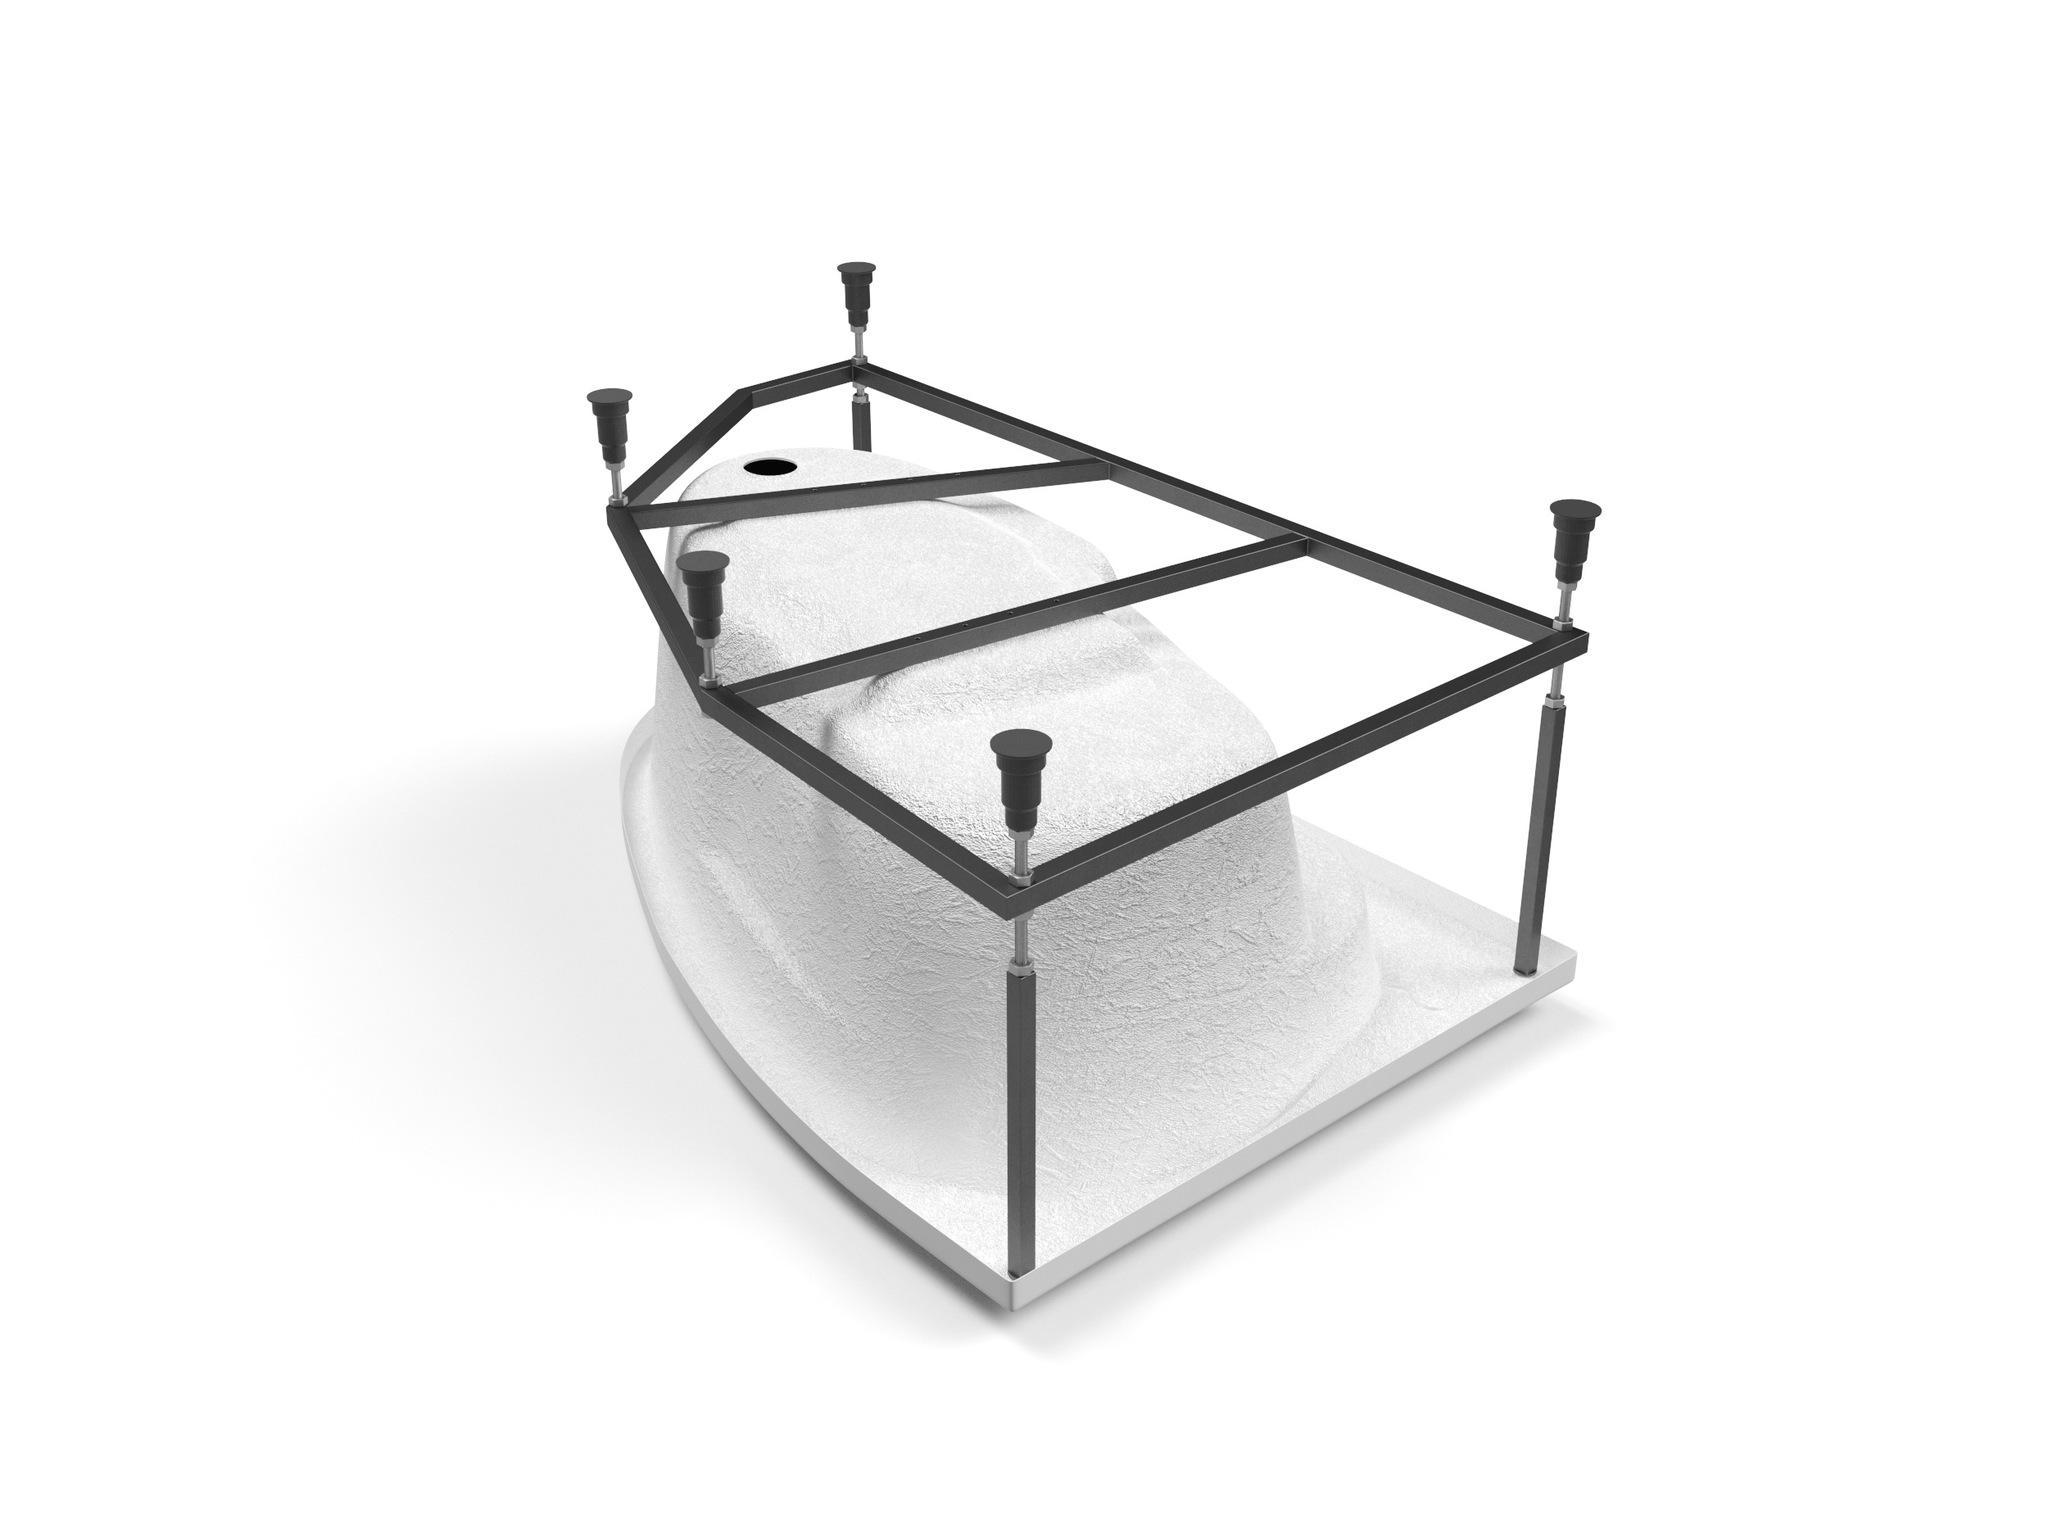 Каркас для акриловых ванн JOANNA 140